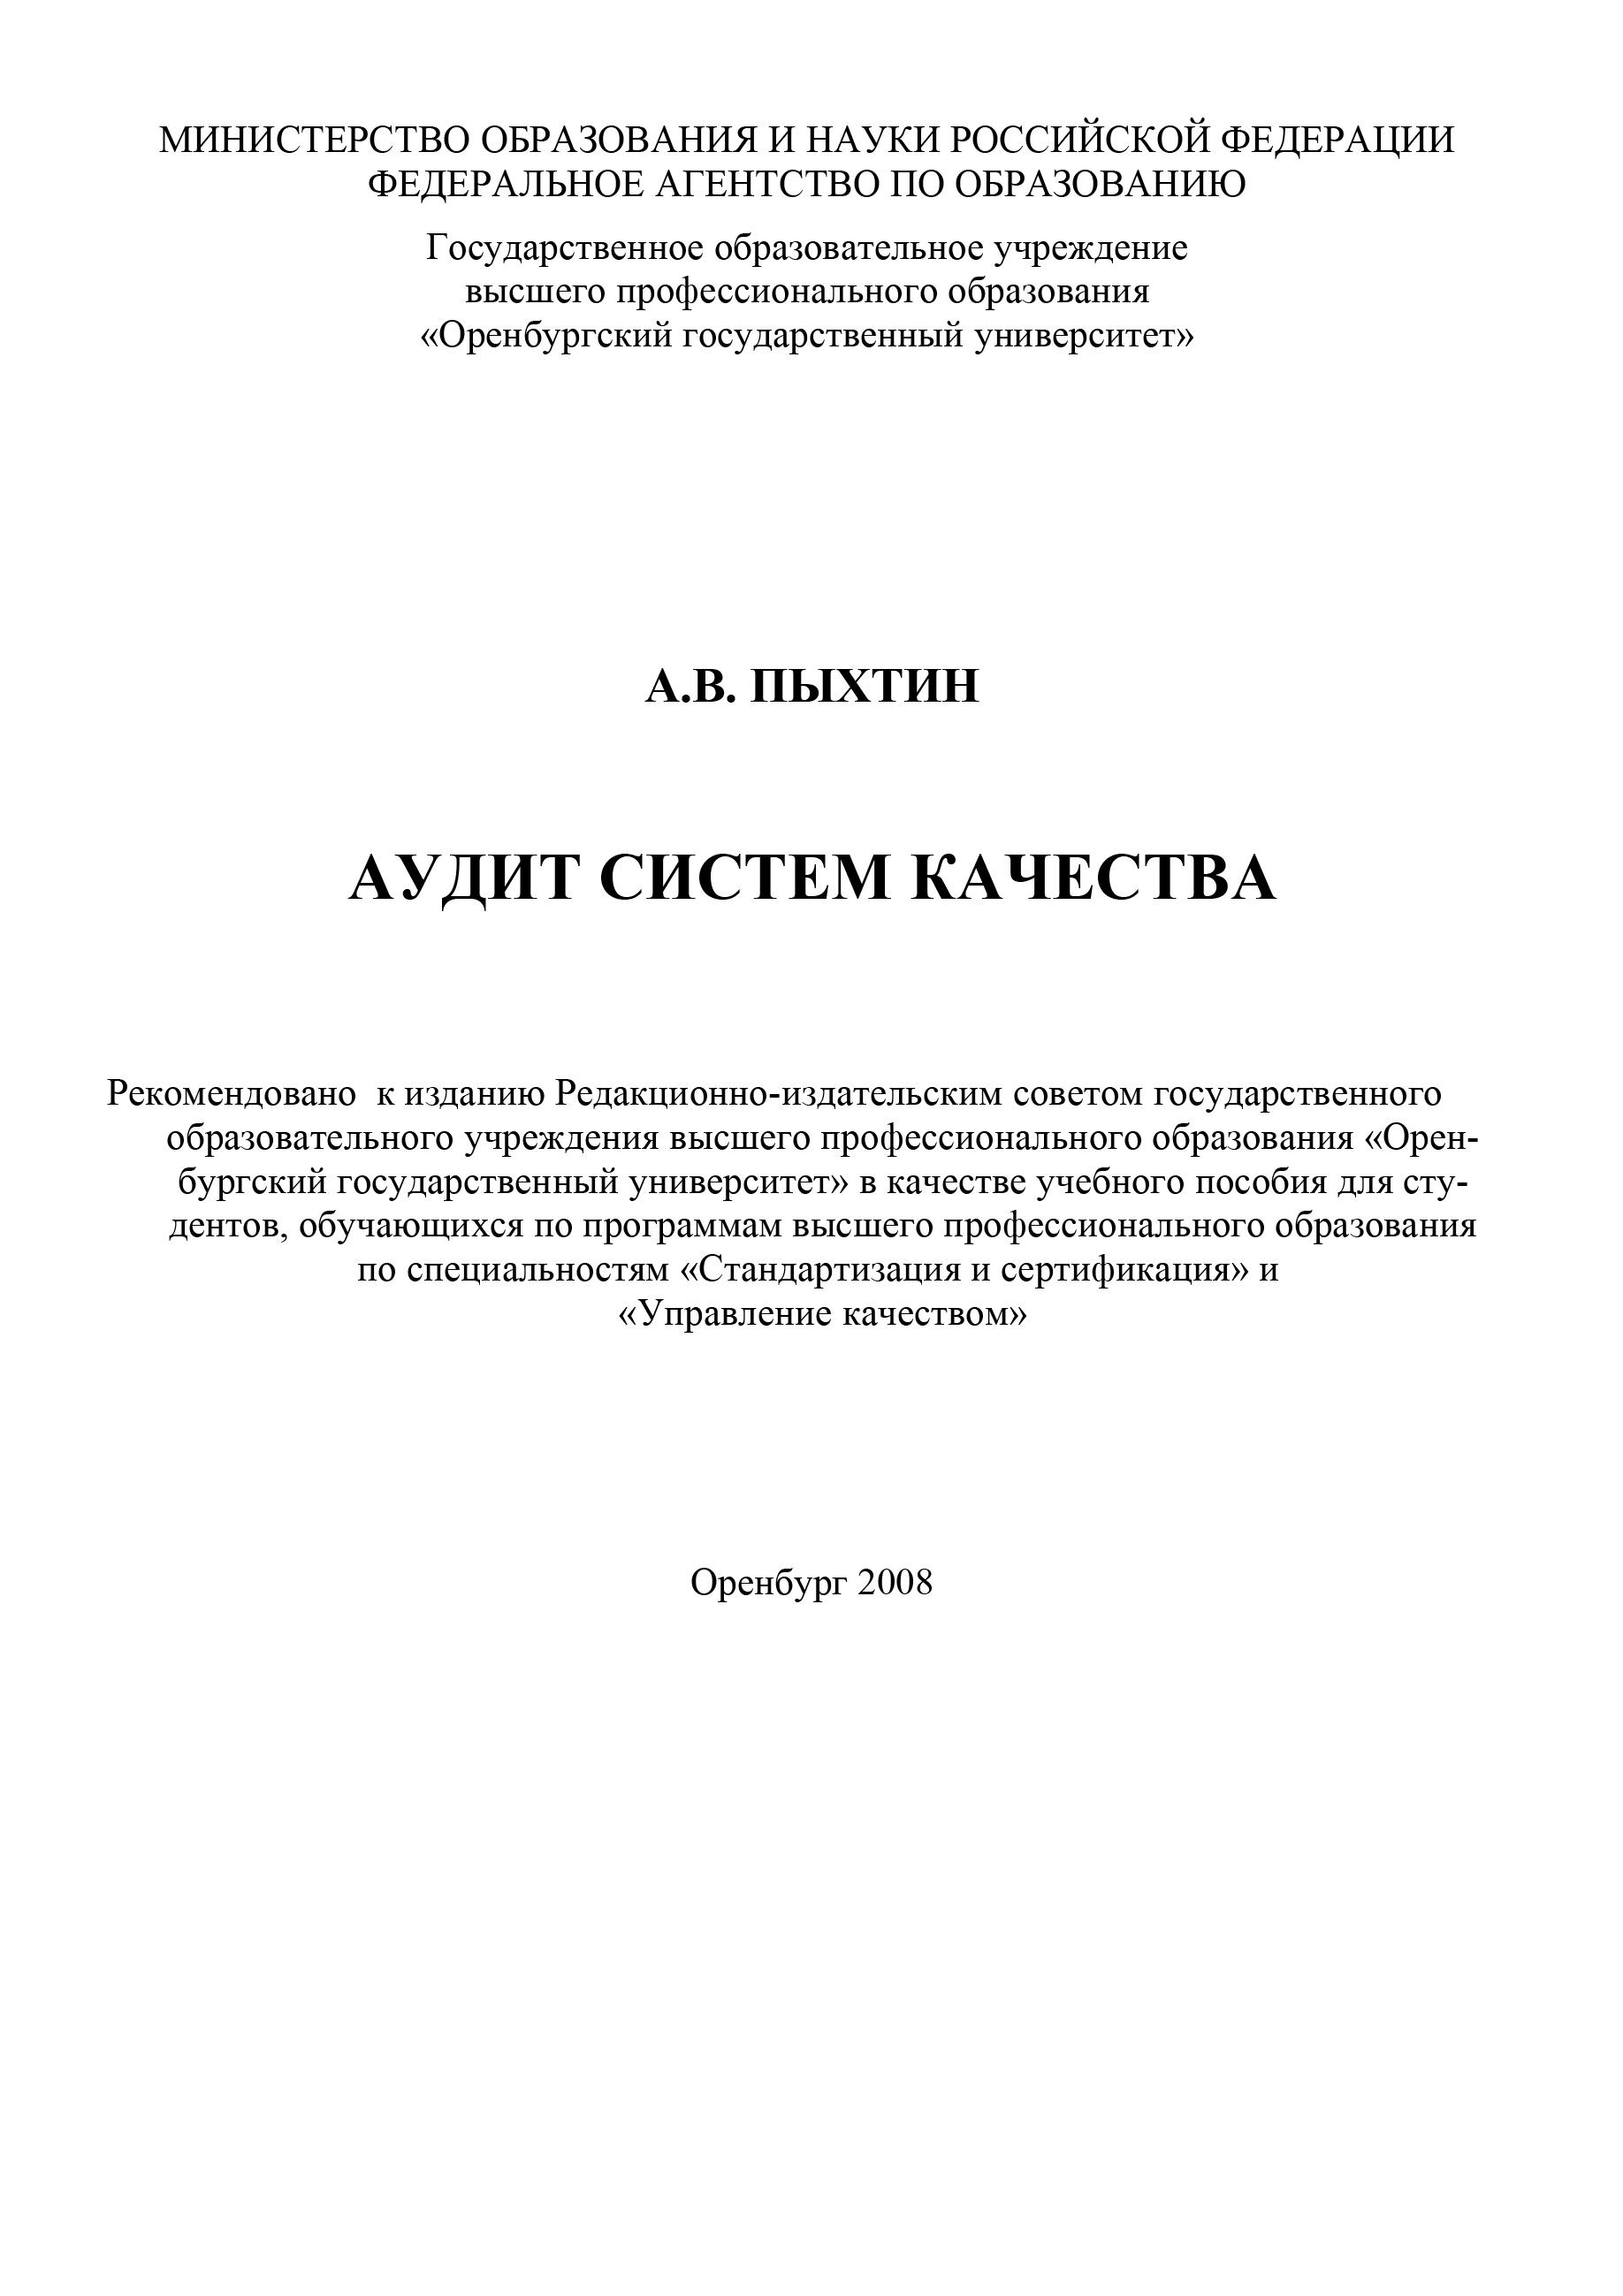 А. В. Пыхтин Аудит систем качества цена и фото